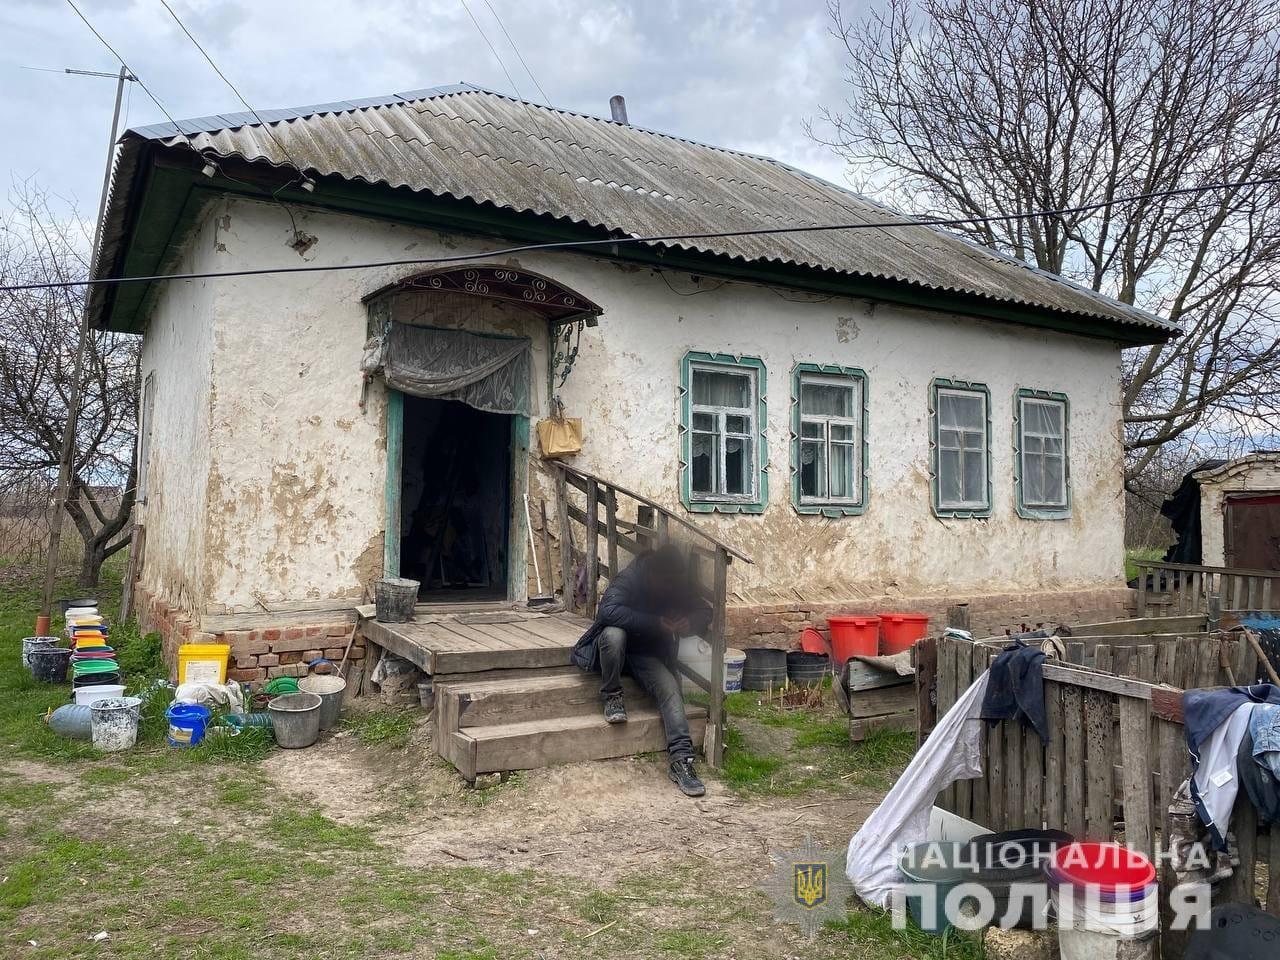 Після статевого акту пішов пиячити: на Київщині онук зґвалтував 91-річну бабусю